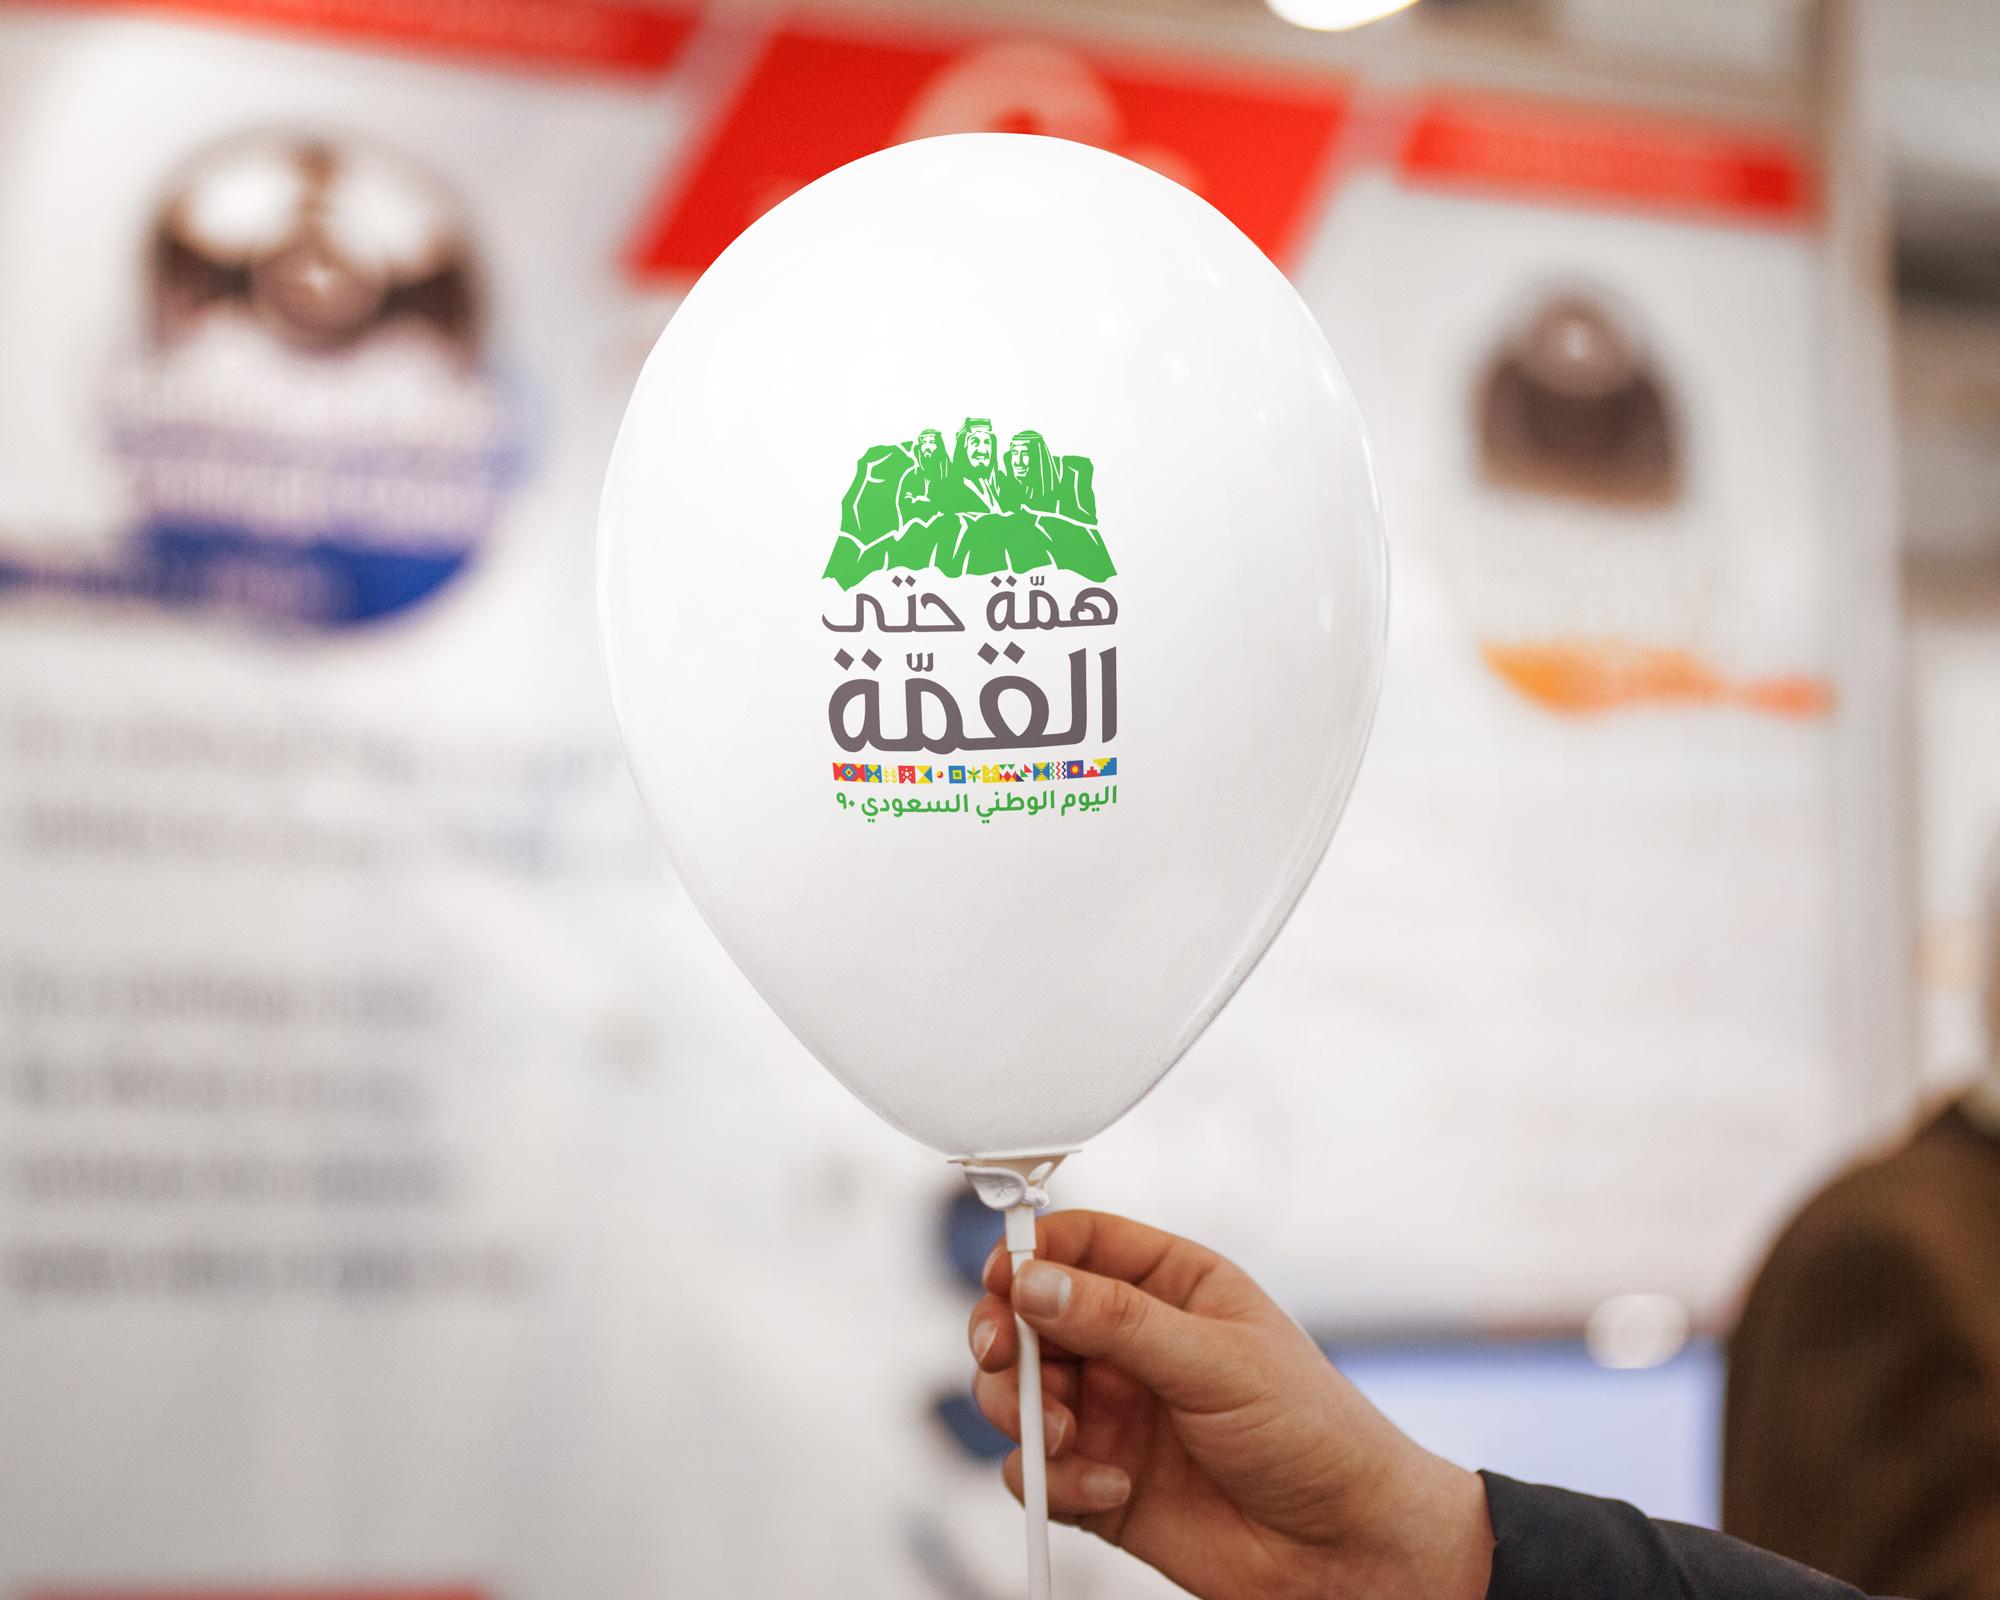 هوية شعار اليوم الوطني السعودي التسعون 90 1442هـ 2020 منتدى التعليم توزيع وتحضير المواد الدراسية